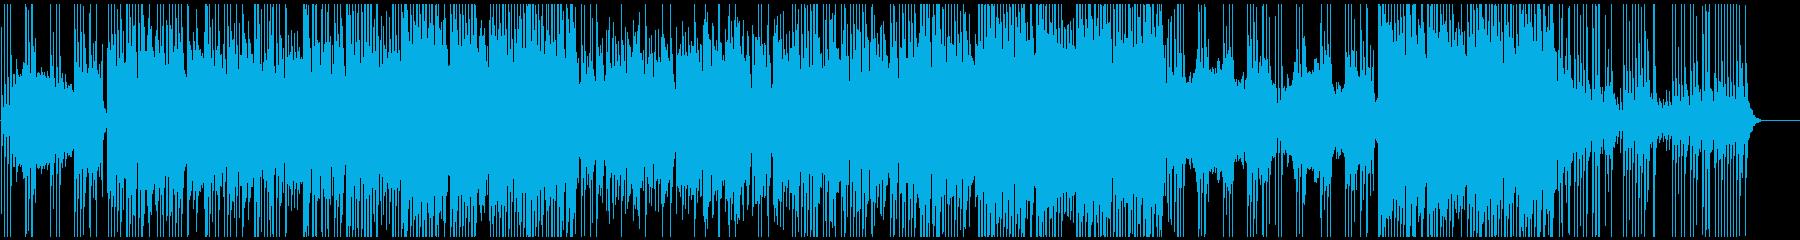 感動的三線ポップバラードの再生済みの波形